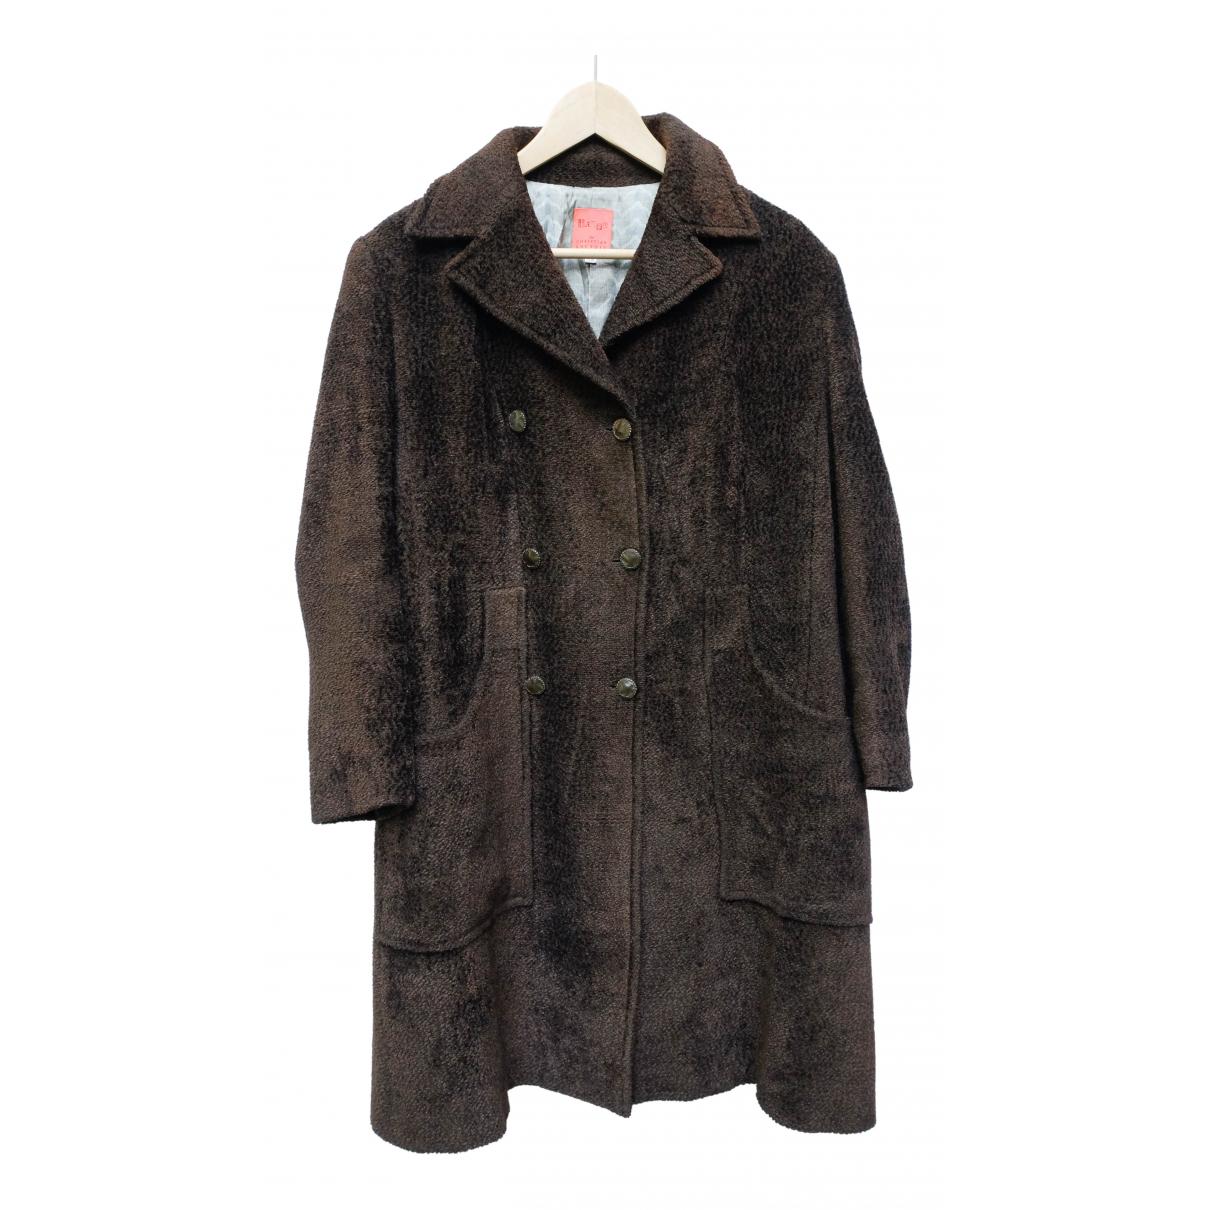 Christian Lacroix - Manteau   pour femme en laine - marron